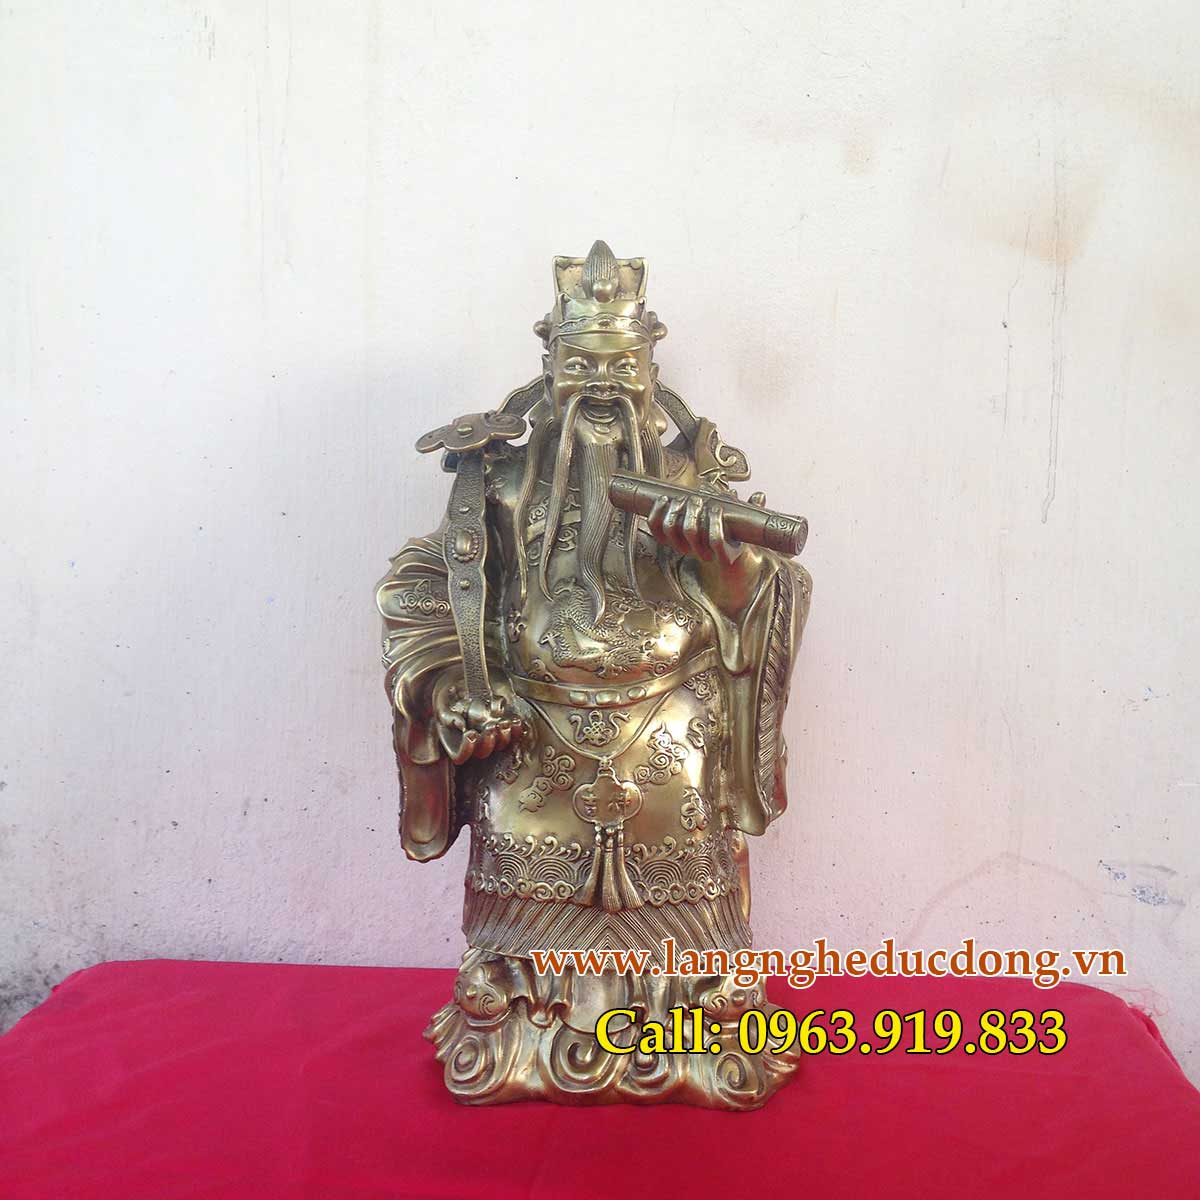 langngheducdong.vn - bộ tượng tam đa KT 45cm, ba ông Phúc Lộc Thọ, Phước Lộc Thọ